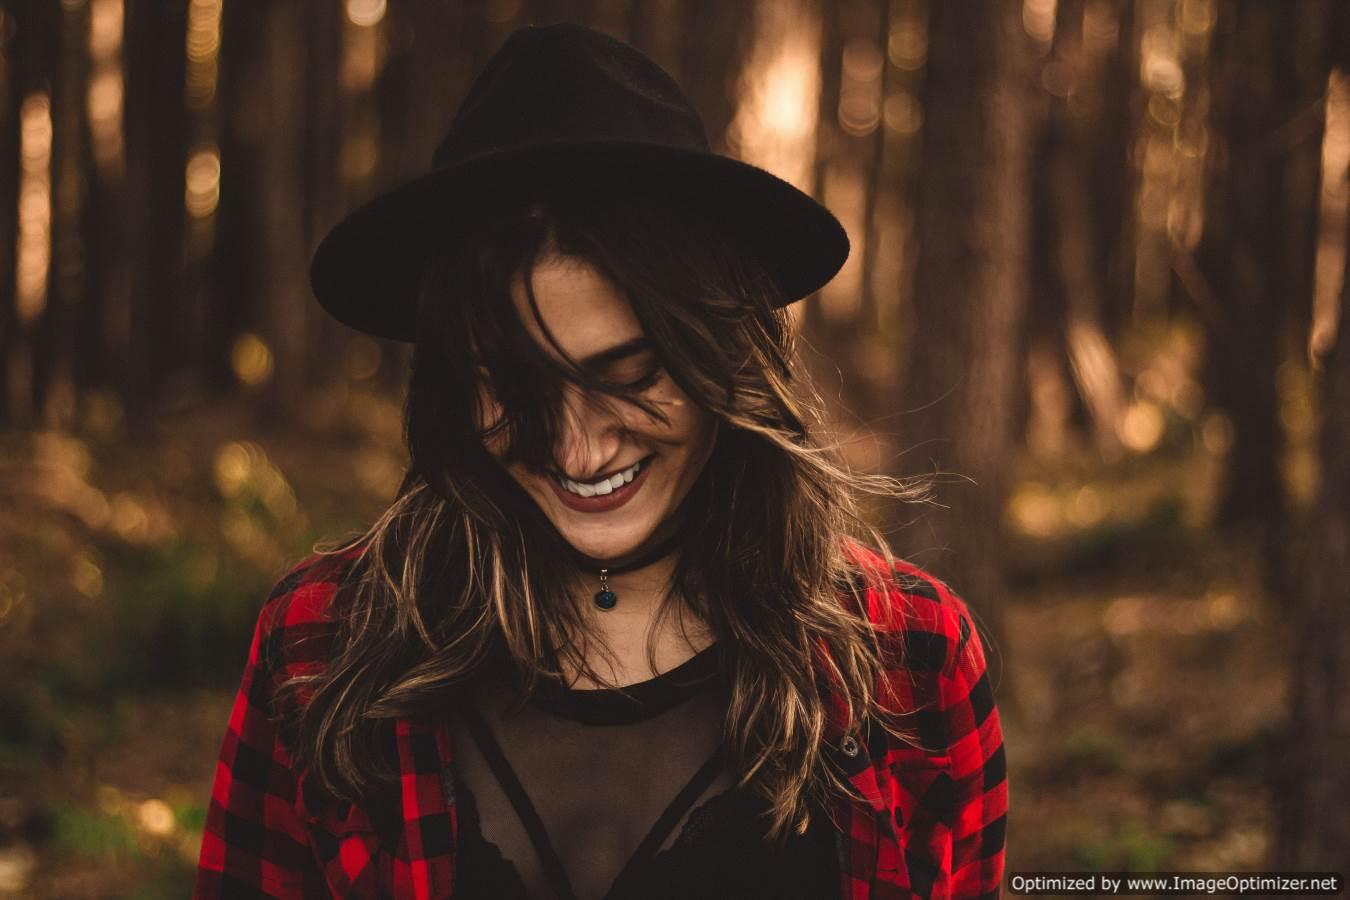 بالصور صور بنت تضحك , اجمل صور لضحكة من اجمل بنت على الاطلاق 361 8